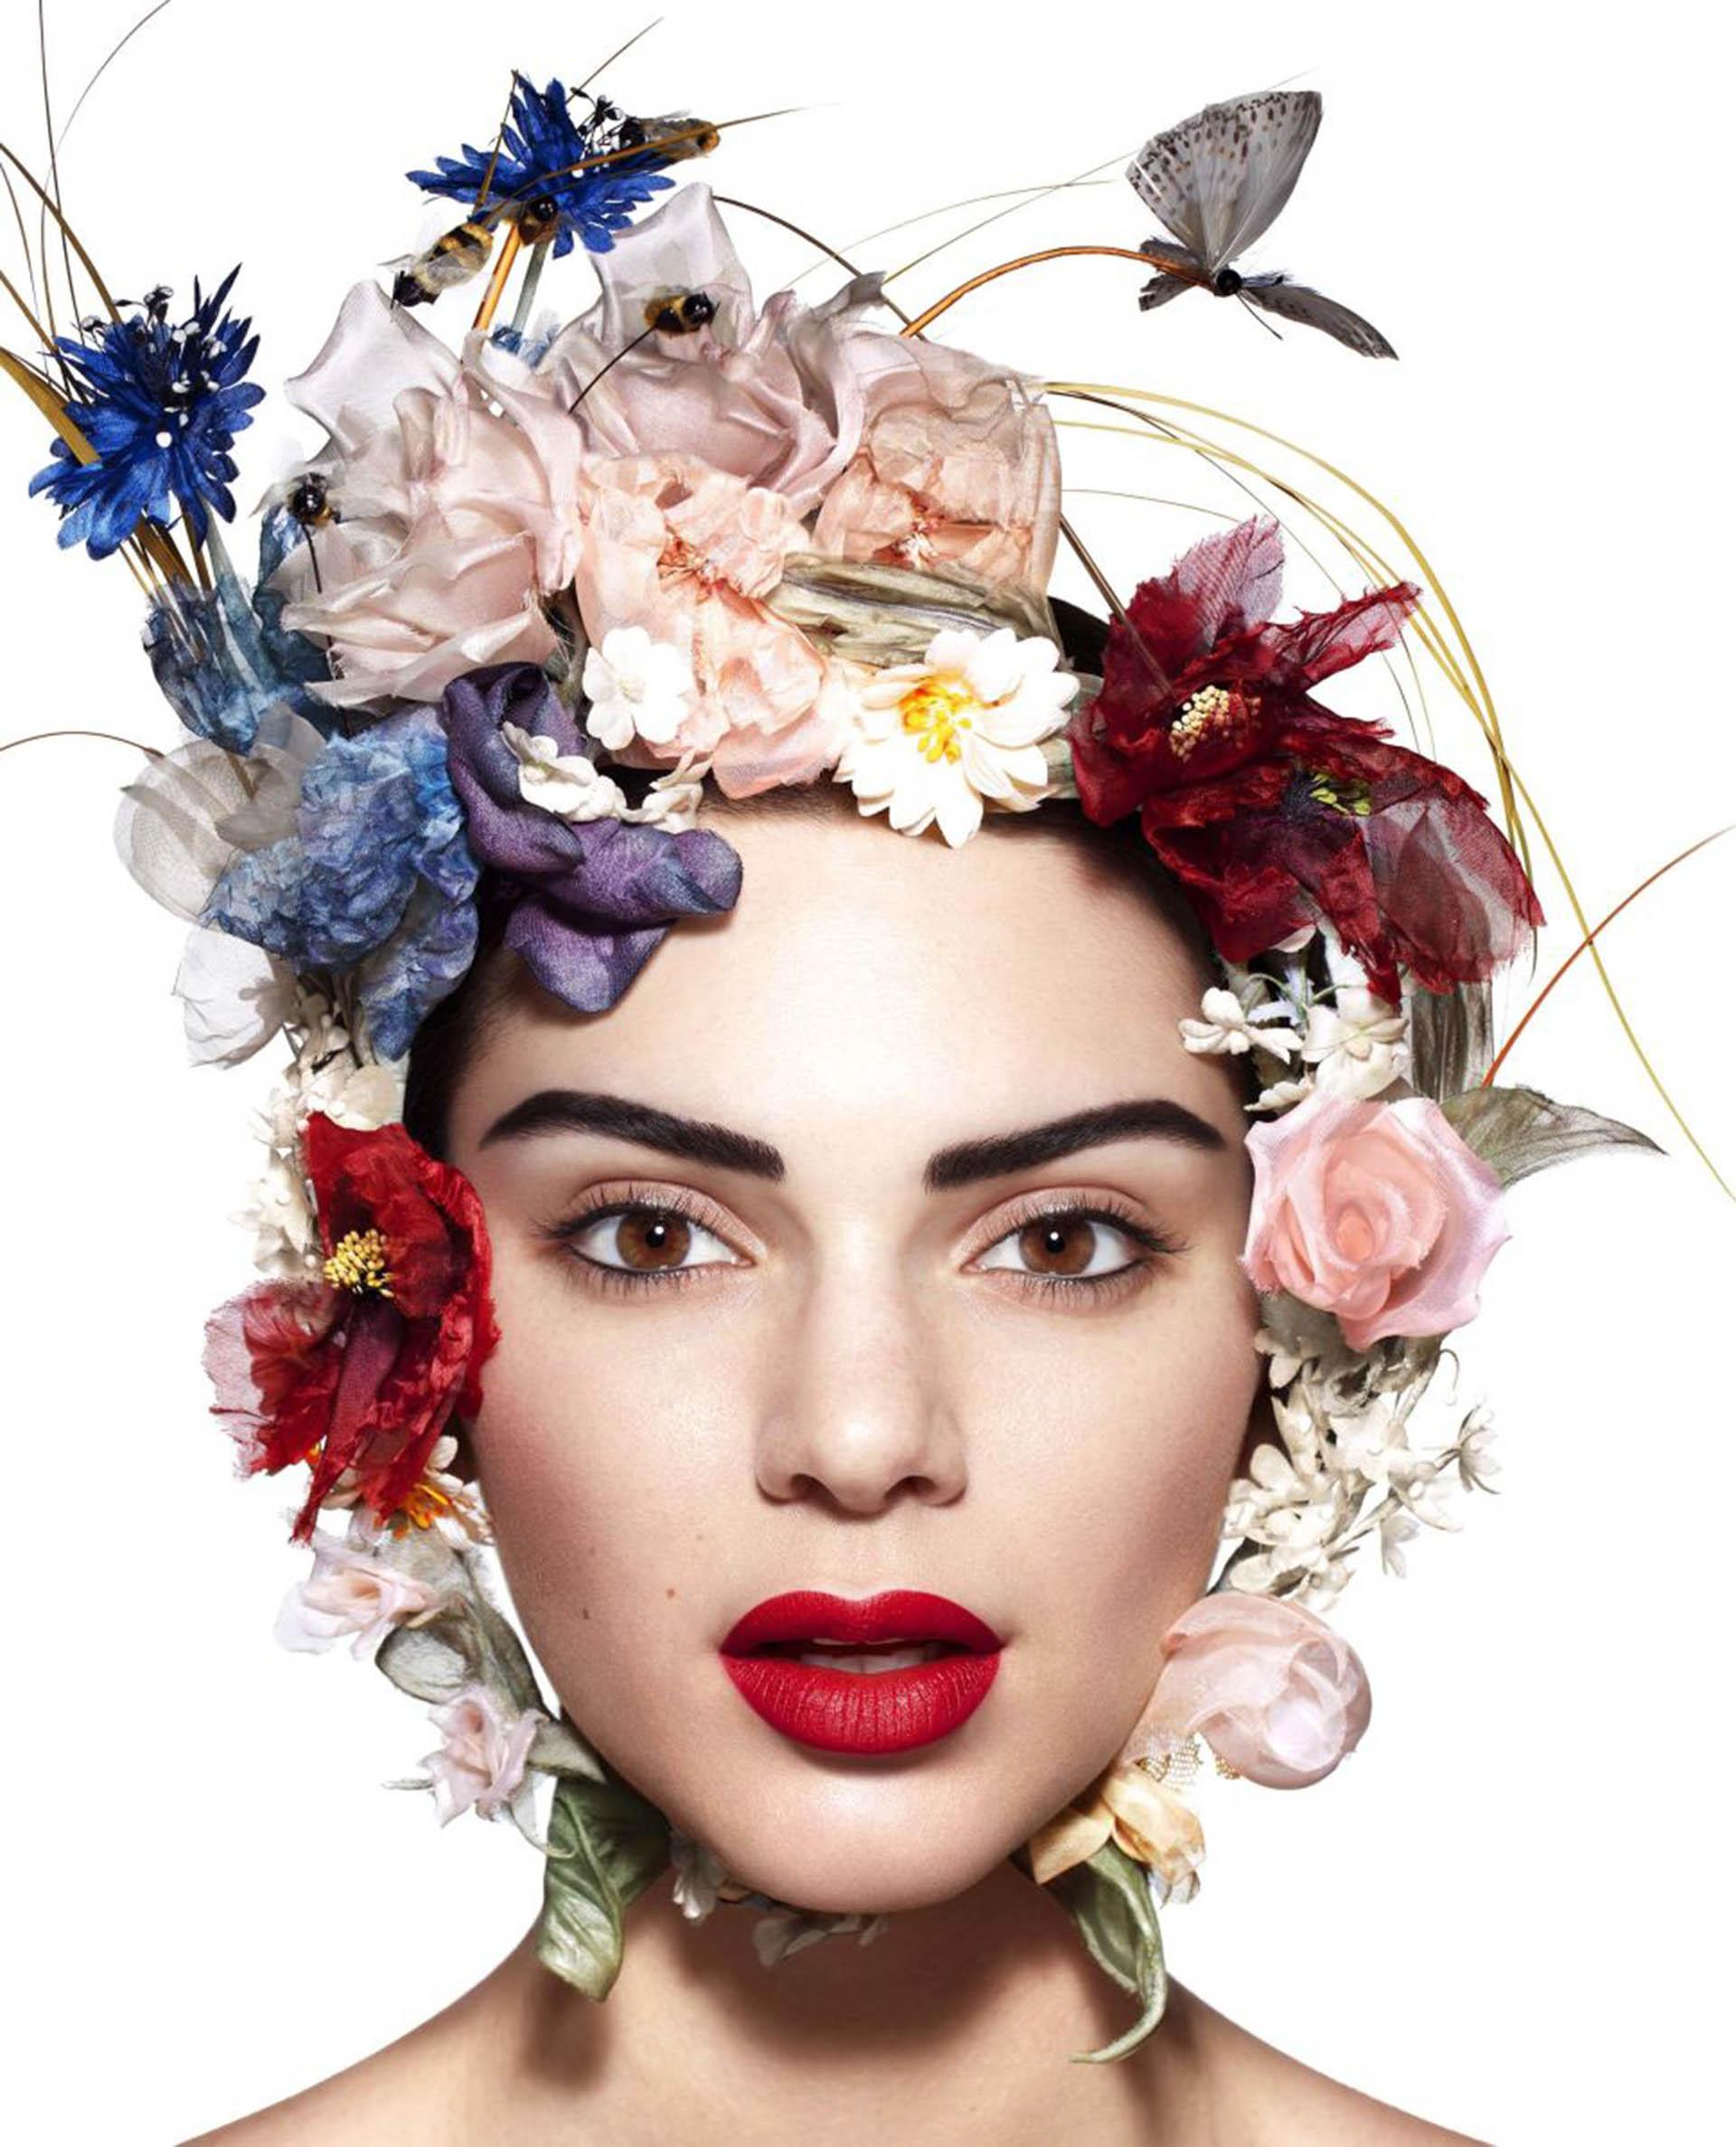 La modelo Kendall Jenner fue elegida para la ser la musa protagónica de la edición US de la revista de lifestyle Harper´s Bazaar.En conmemoración de los 150 años del medio, se destacó a mujeres que impusieron en estilo, entre ellas posaron Madonna y Rihanna, y, en esta ocasión, la instamodelo de 21 años